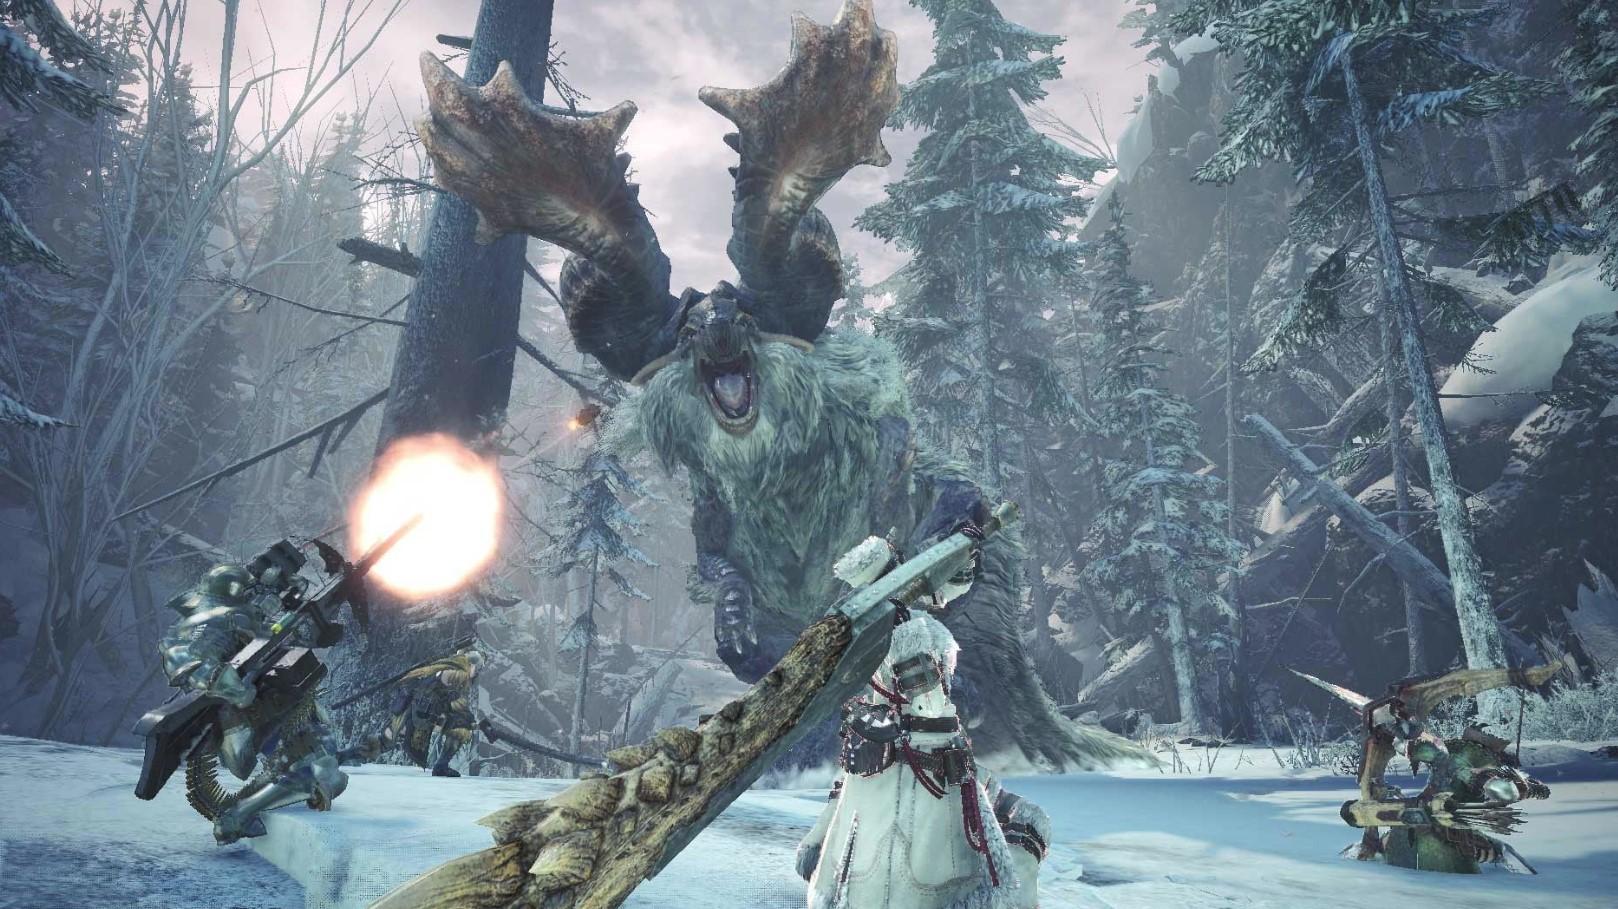 Novedades de la semana: Monster Hunter World recibe la gigantesca expansión Iceborne